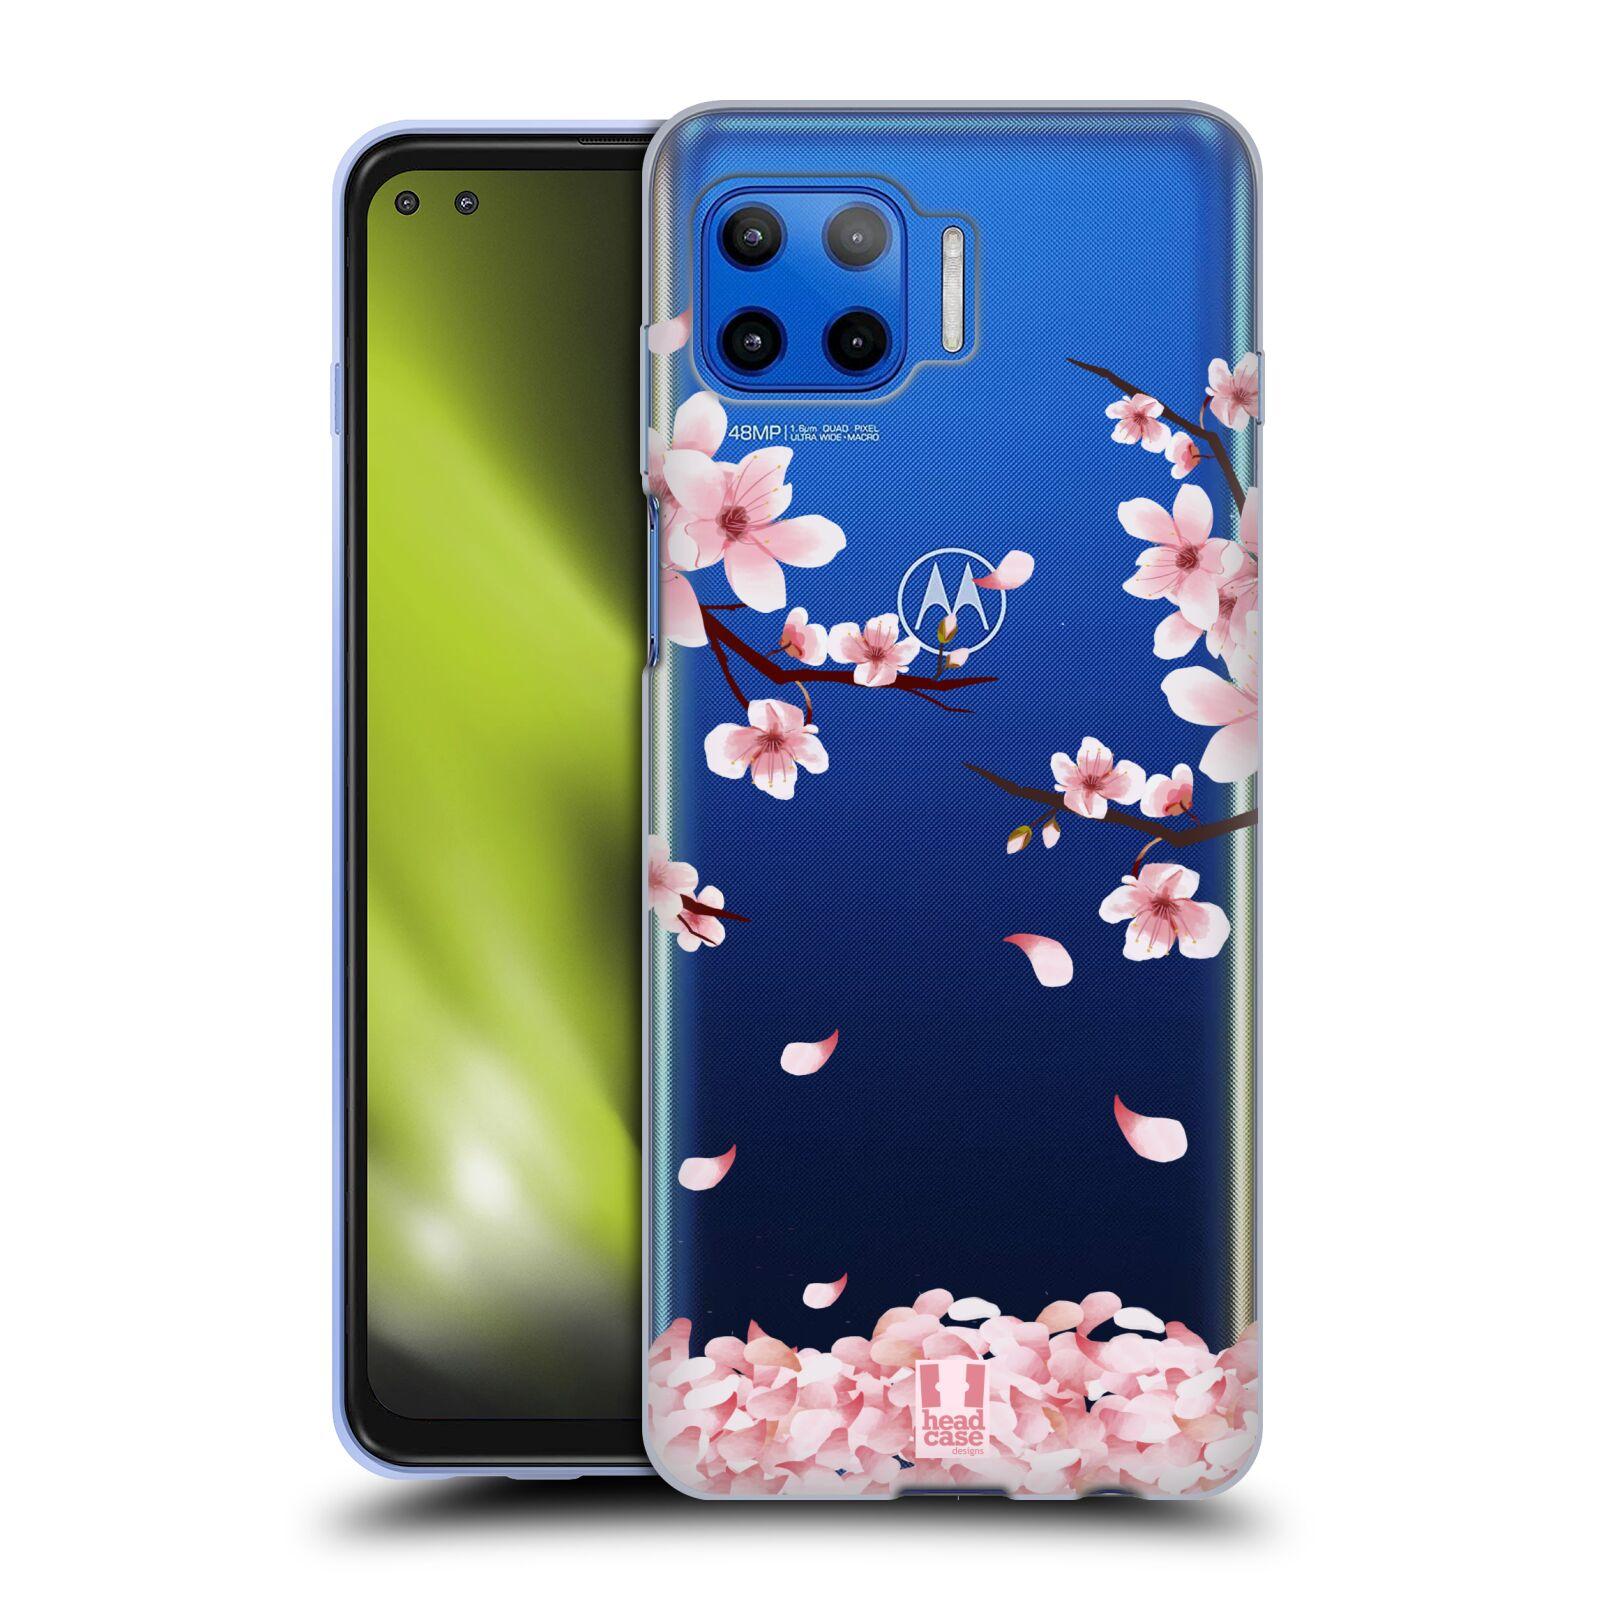 Silikonové pouzdro na mobil Motorola Moto G 5G Plus - Head Case - Květy a větvičky